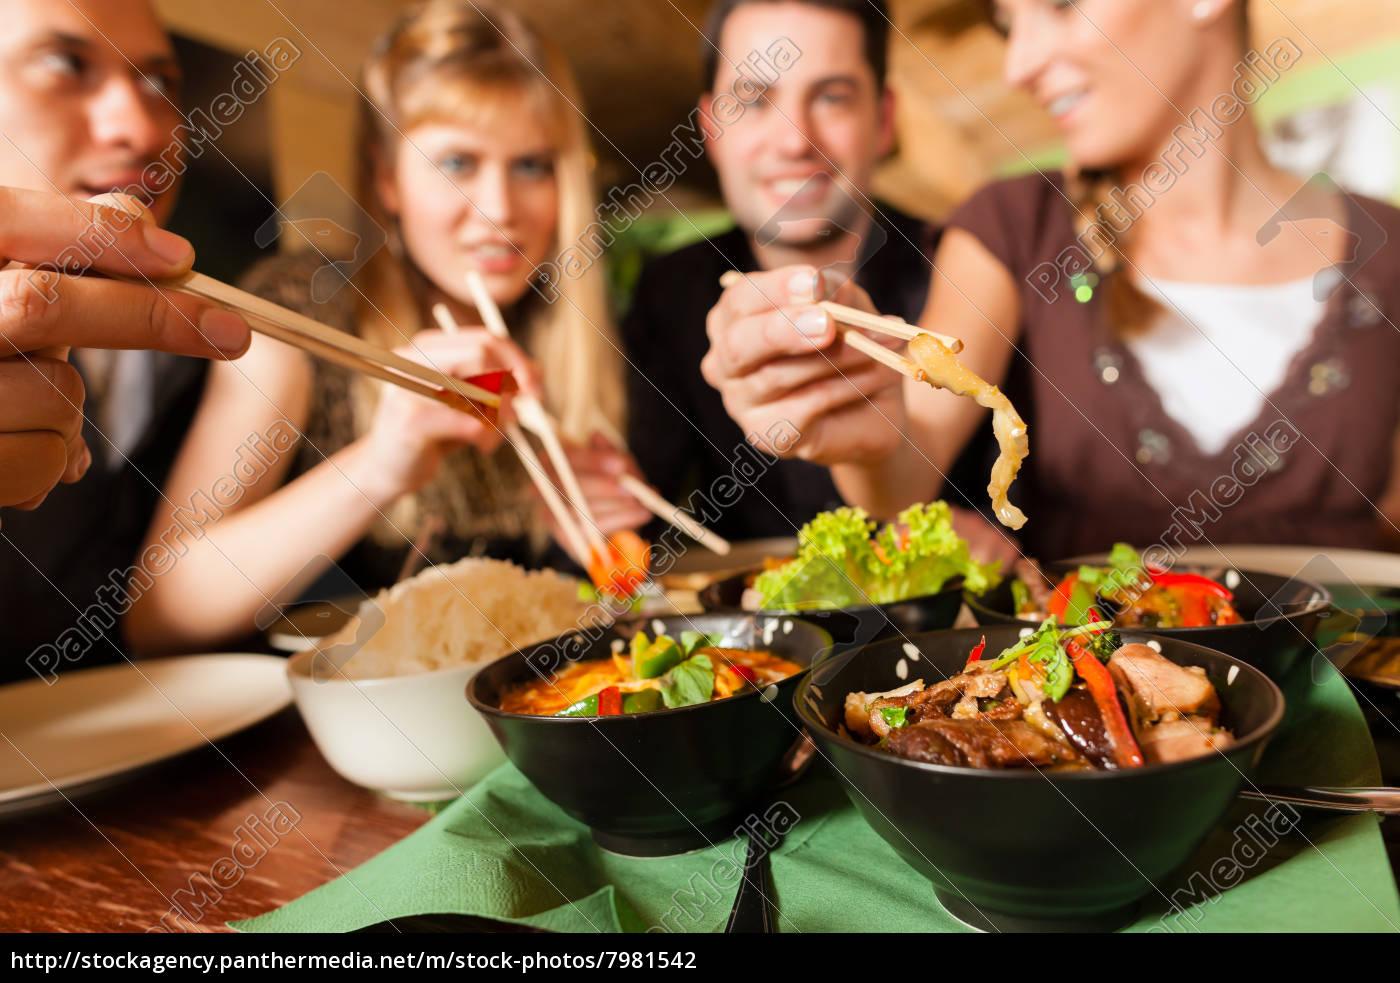 los, jóvenes, comiendo, en, un, restaurante - 7981542